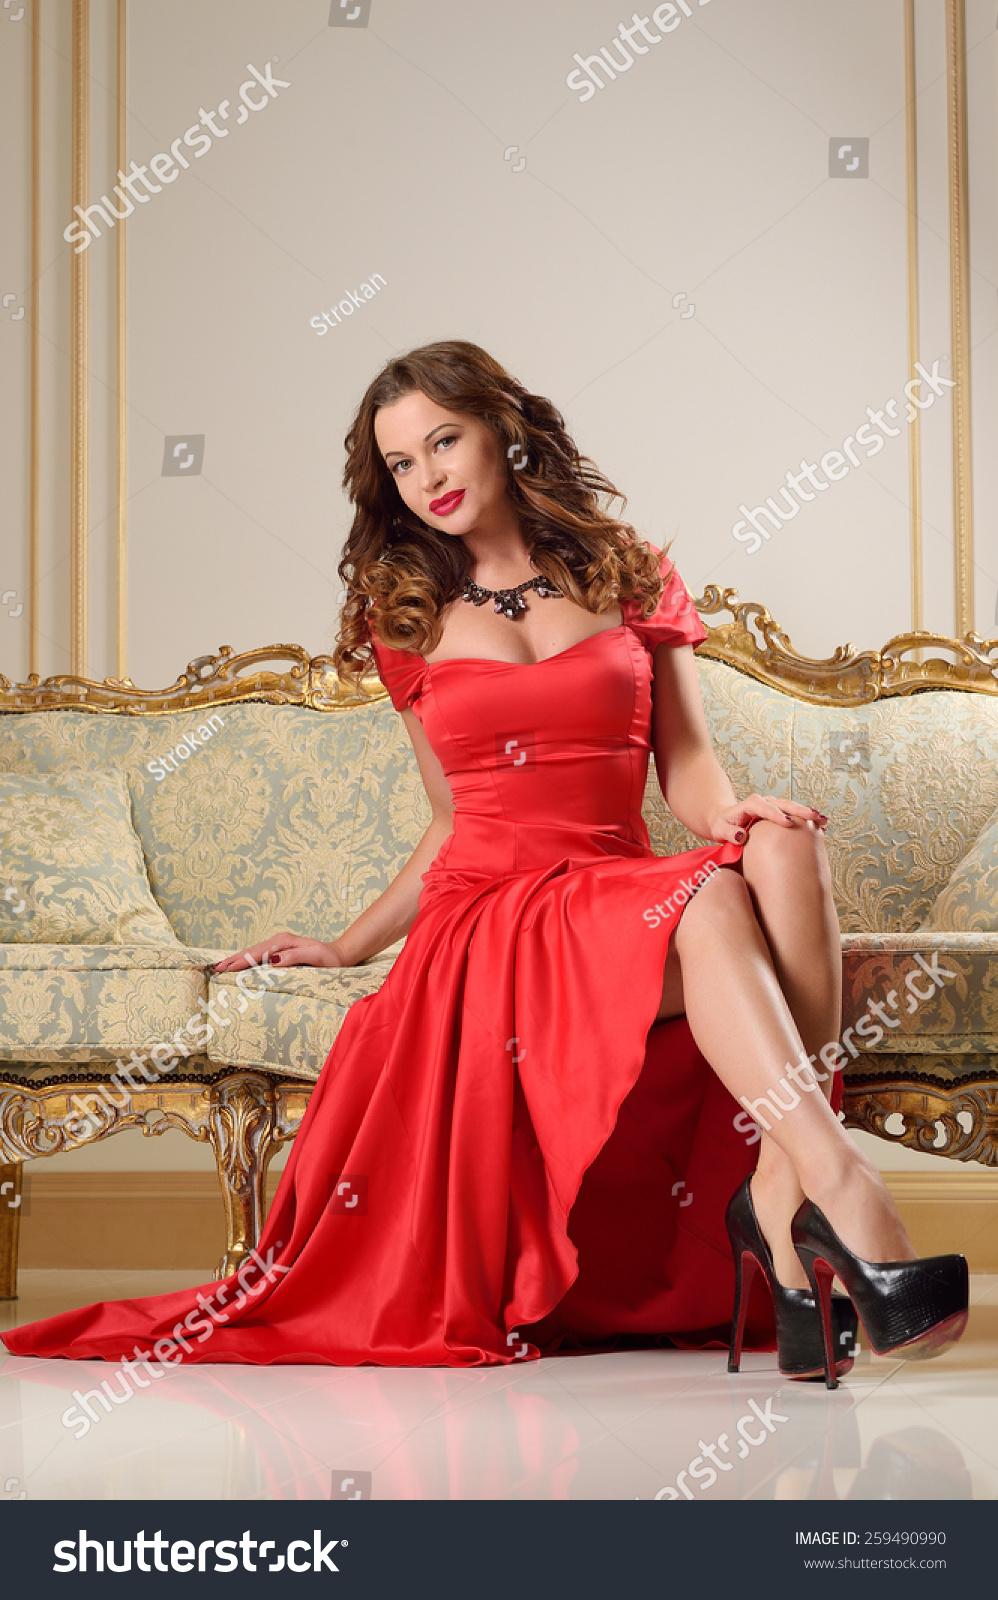 Beautiful Young Girl Red Dress Big Stock Photo 259490990 - Shutterstock-3515